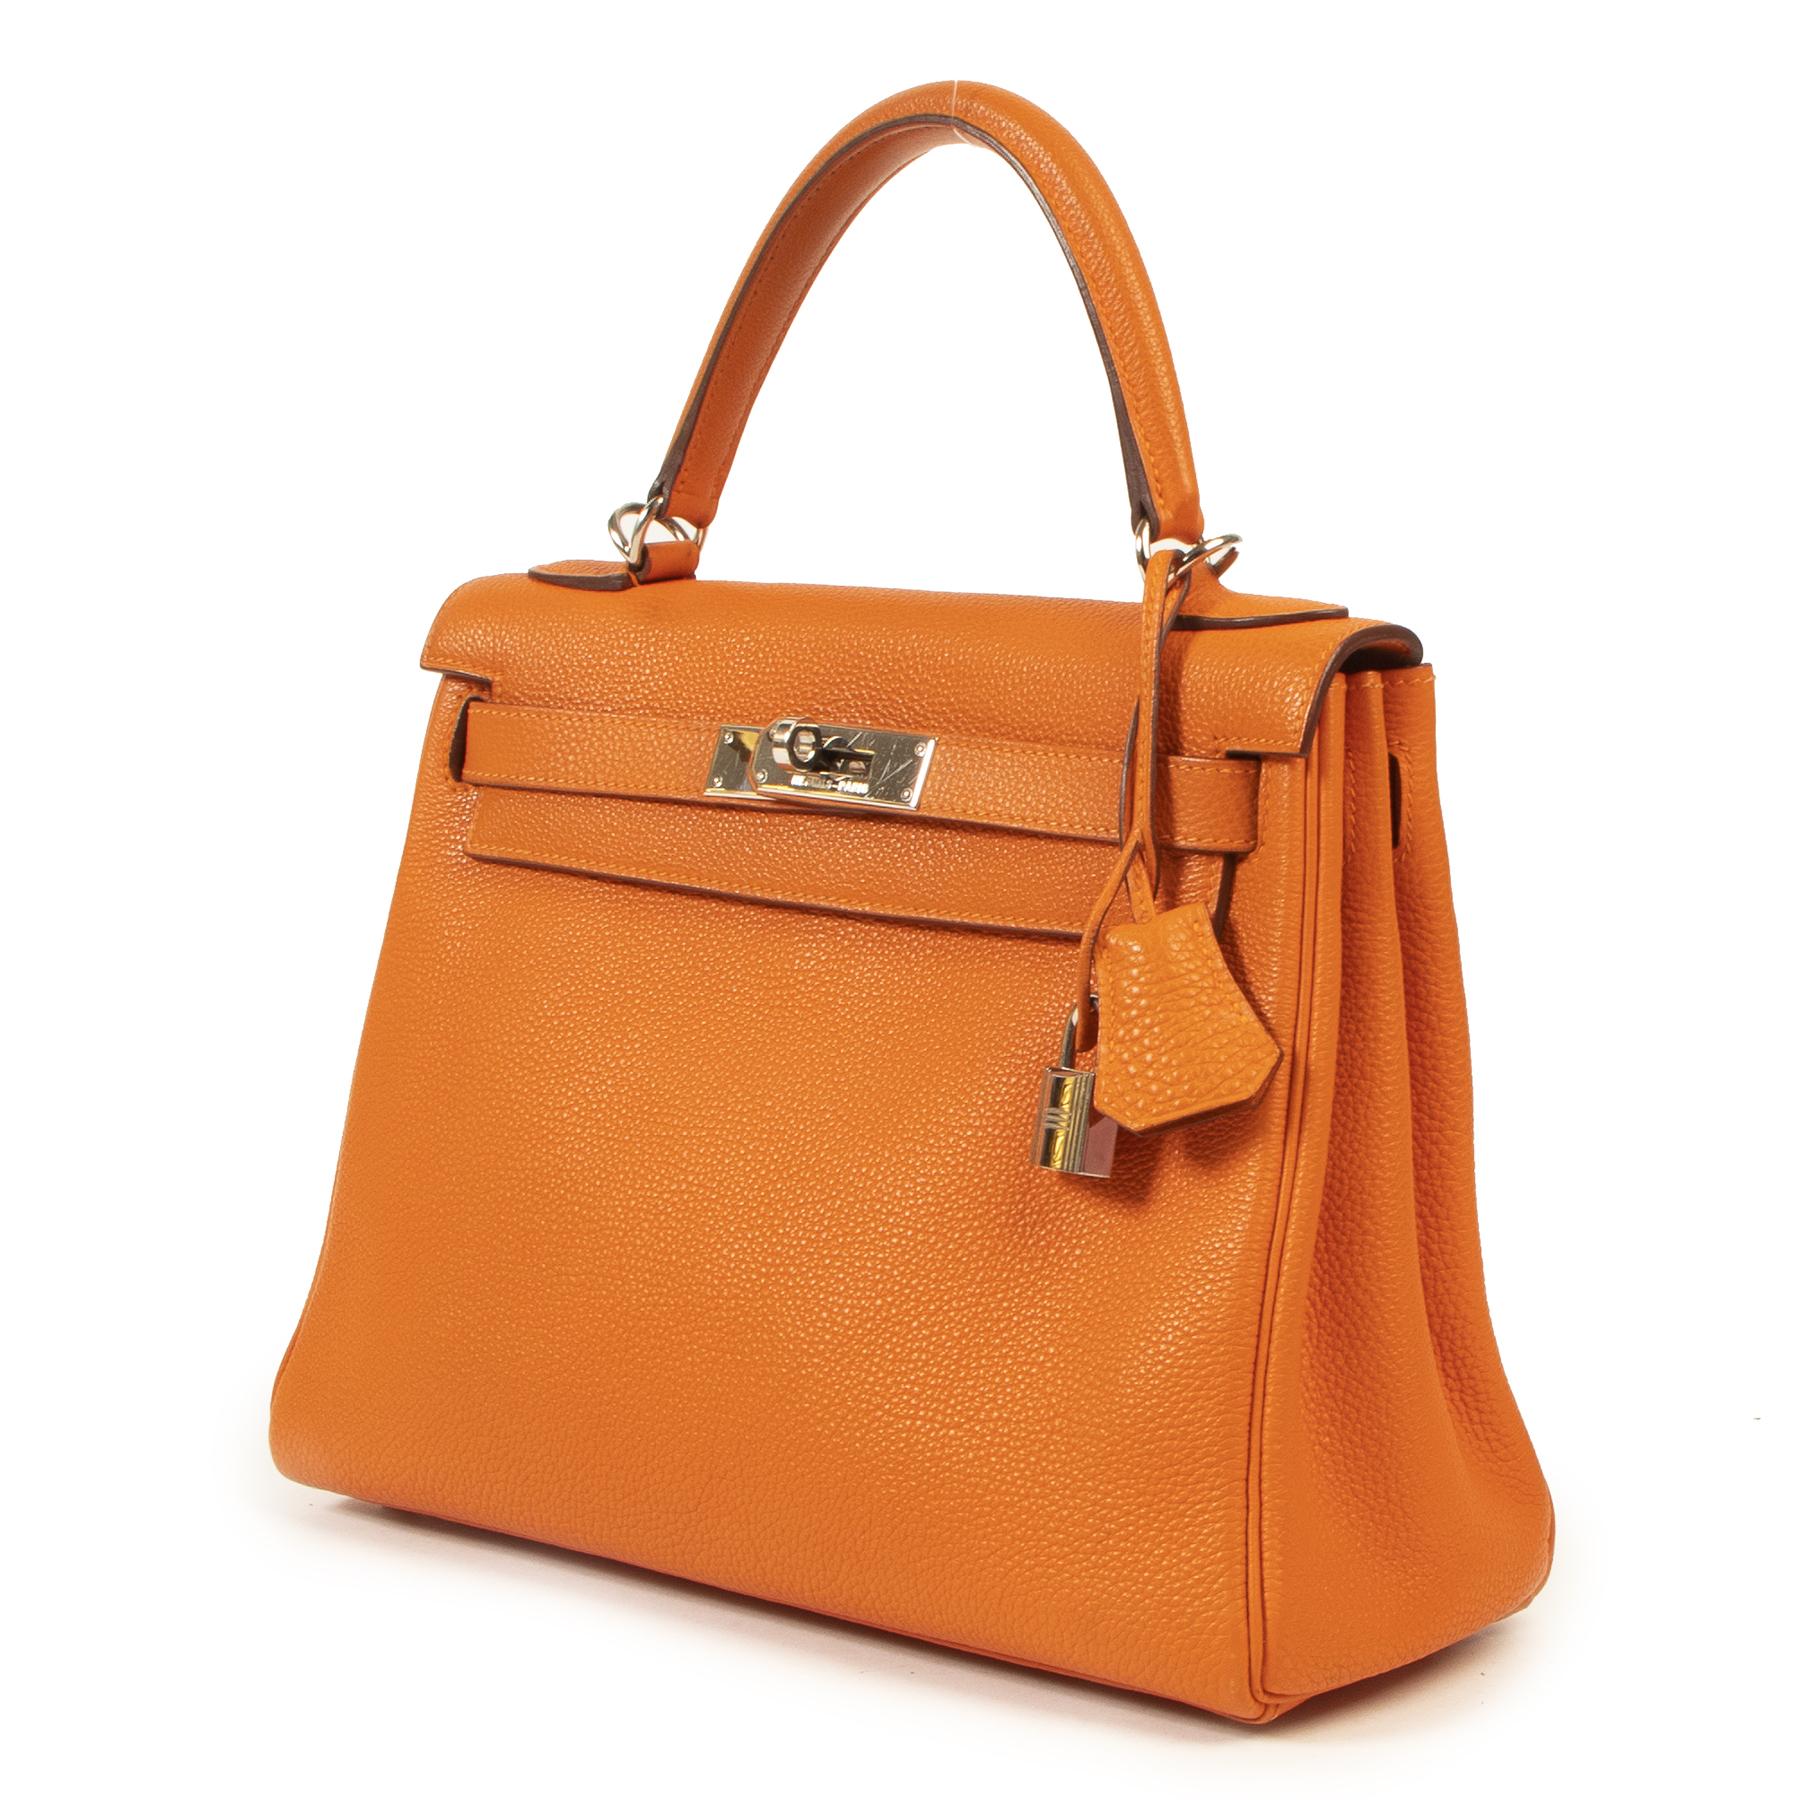 acheter en ligne pour le meilleur prix Hermes Kelly 28 Togo Orange PHW